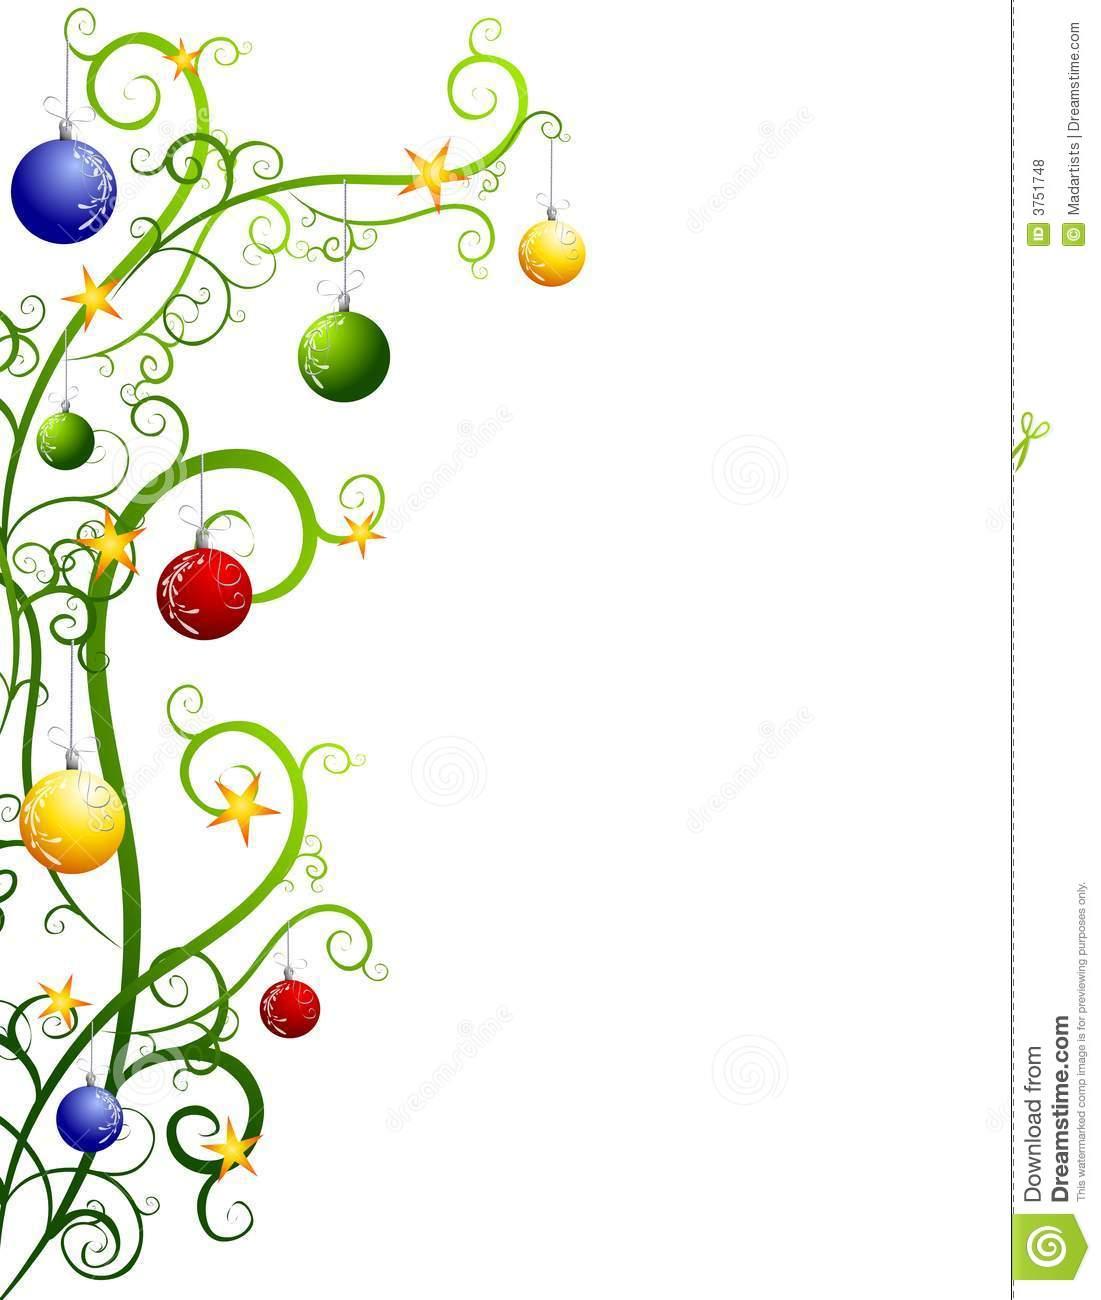 Christmas Ornaments Border . 2ded0c53f9ffe44adf5a861abdec26 .